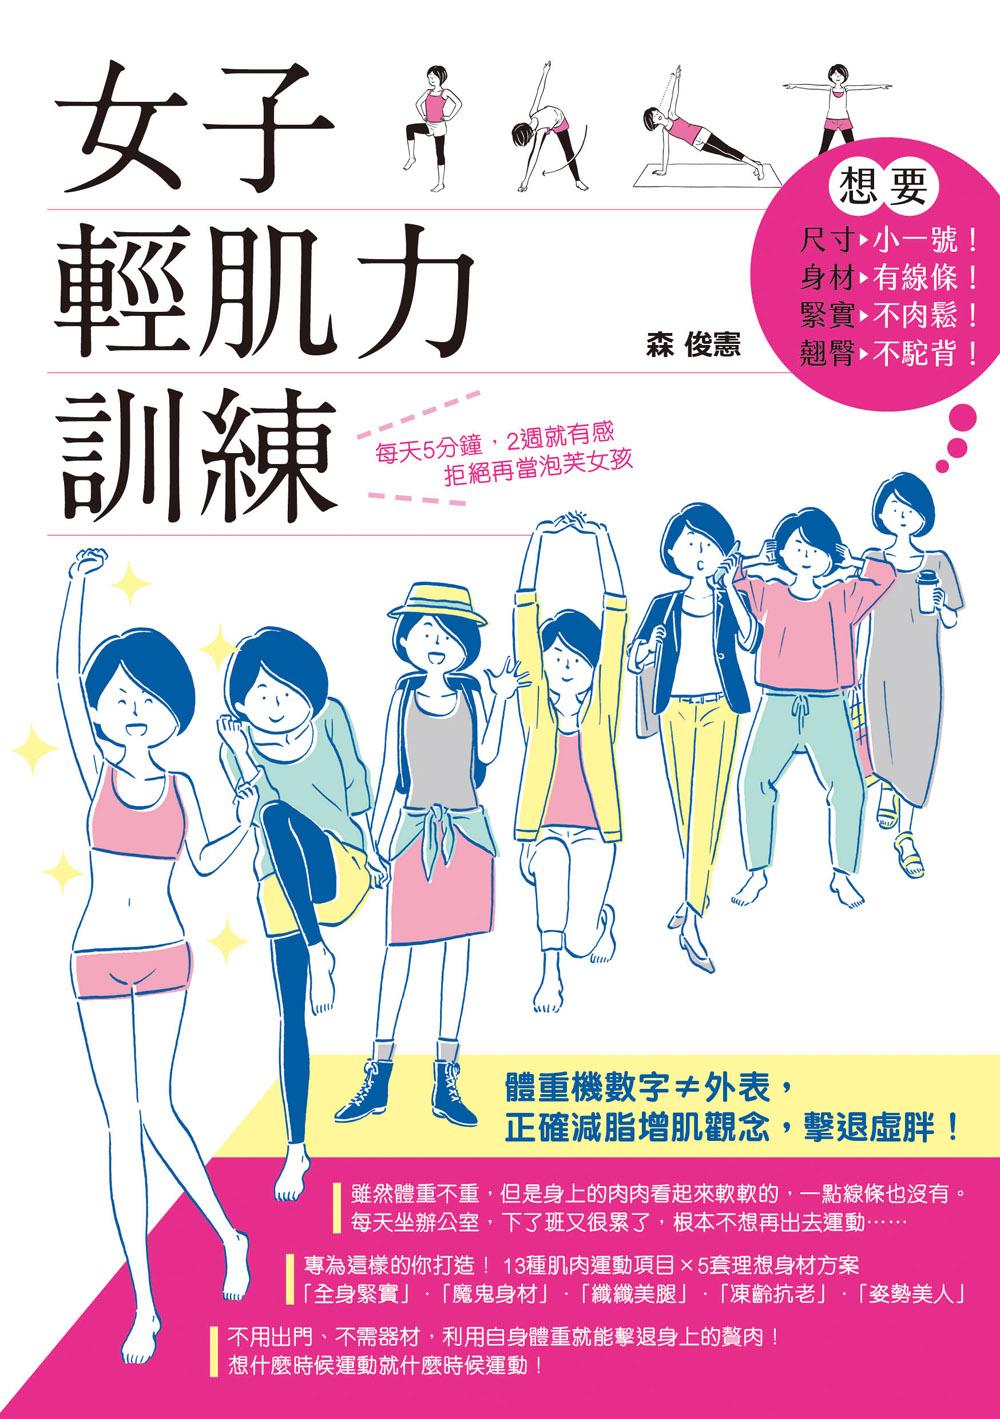 ◤博客來BOOKS◢ 暢銷書榜《推薦》女子輕肌力訓練:每天5分鐘,2週就有感 拒絕再當泡芙女孩